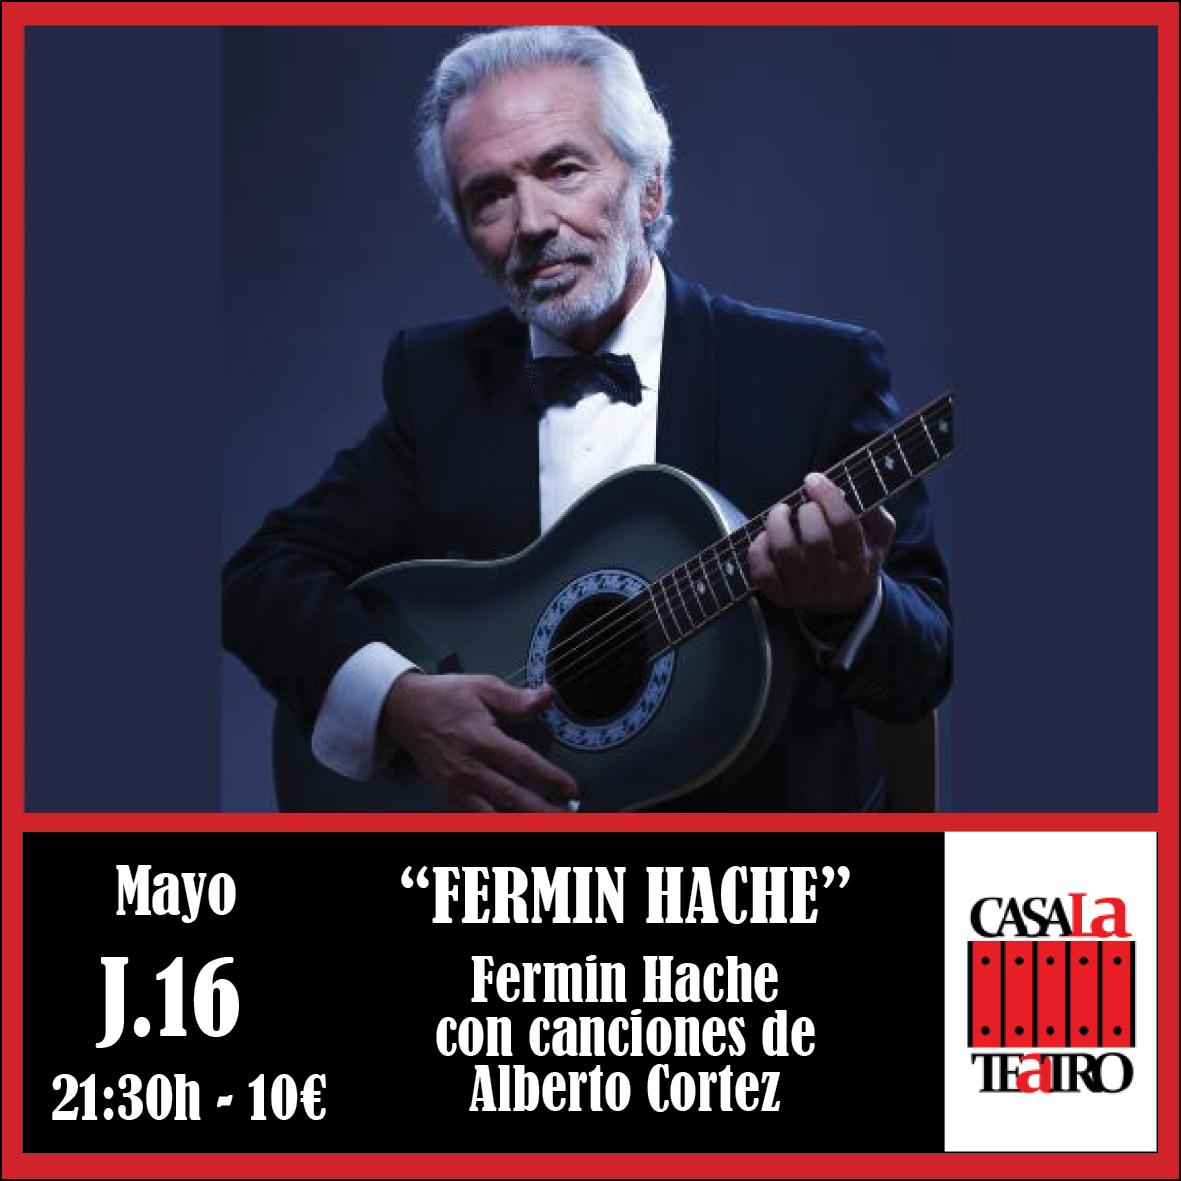 FERMÍN HACHE avec des chansons de Alberto Cortez